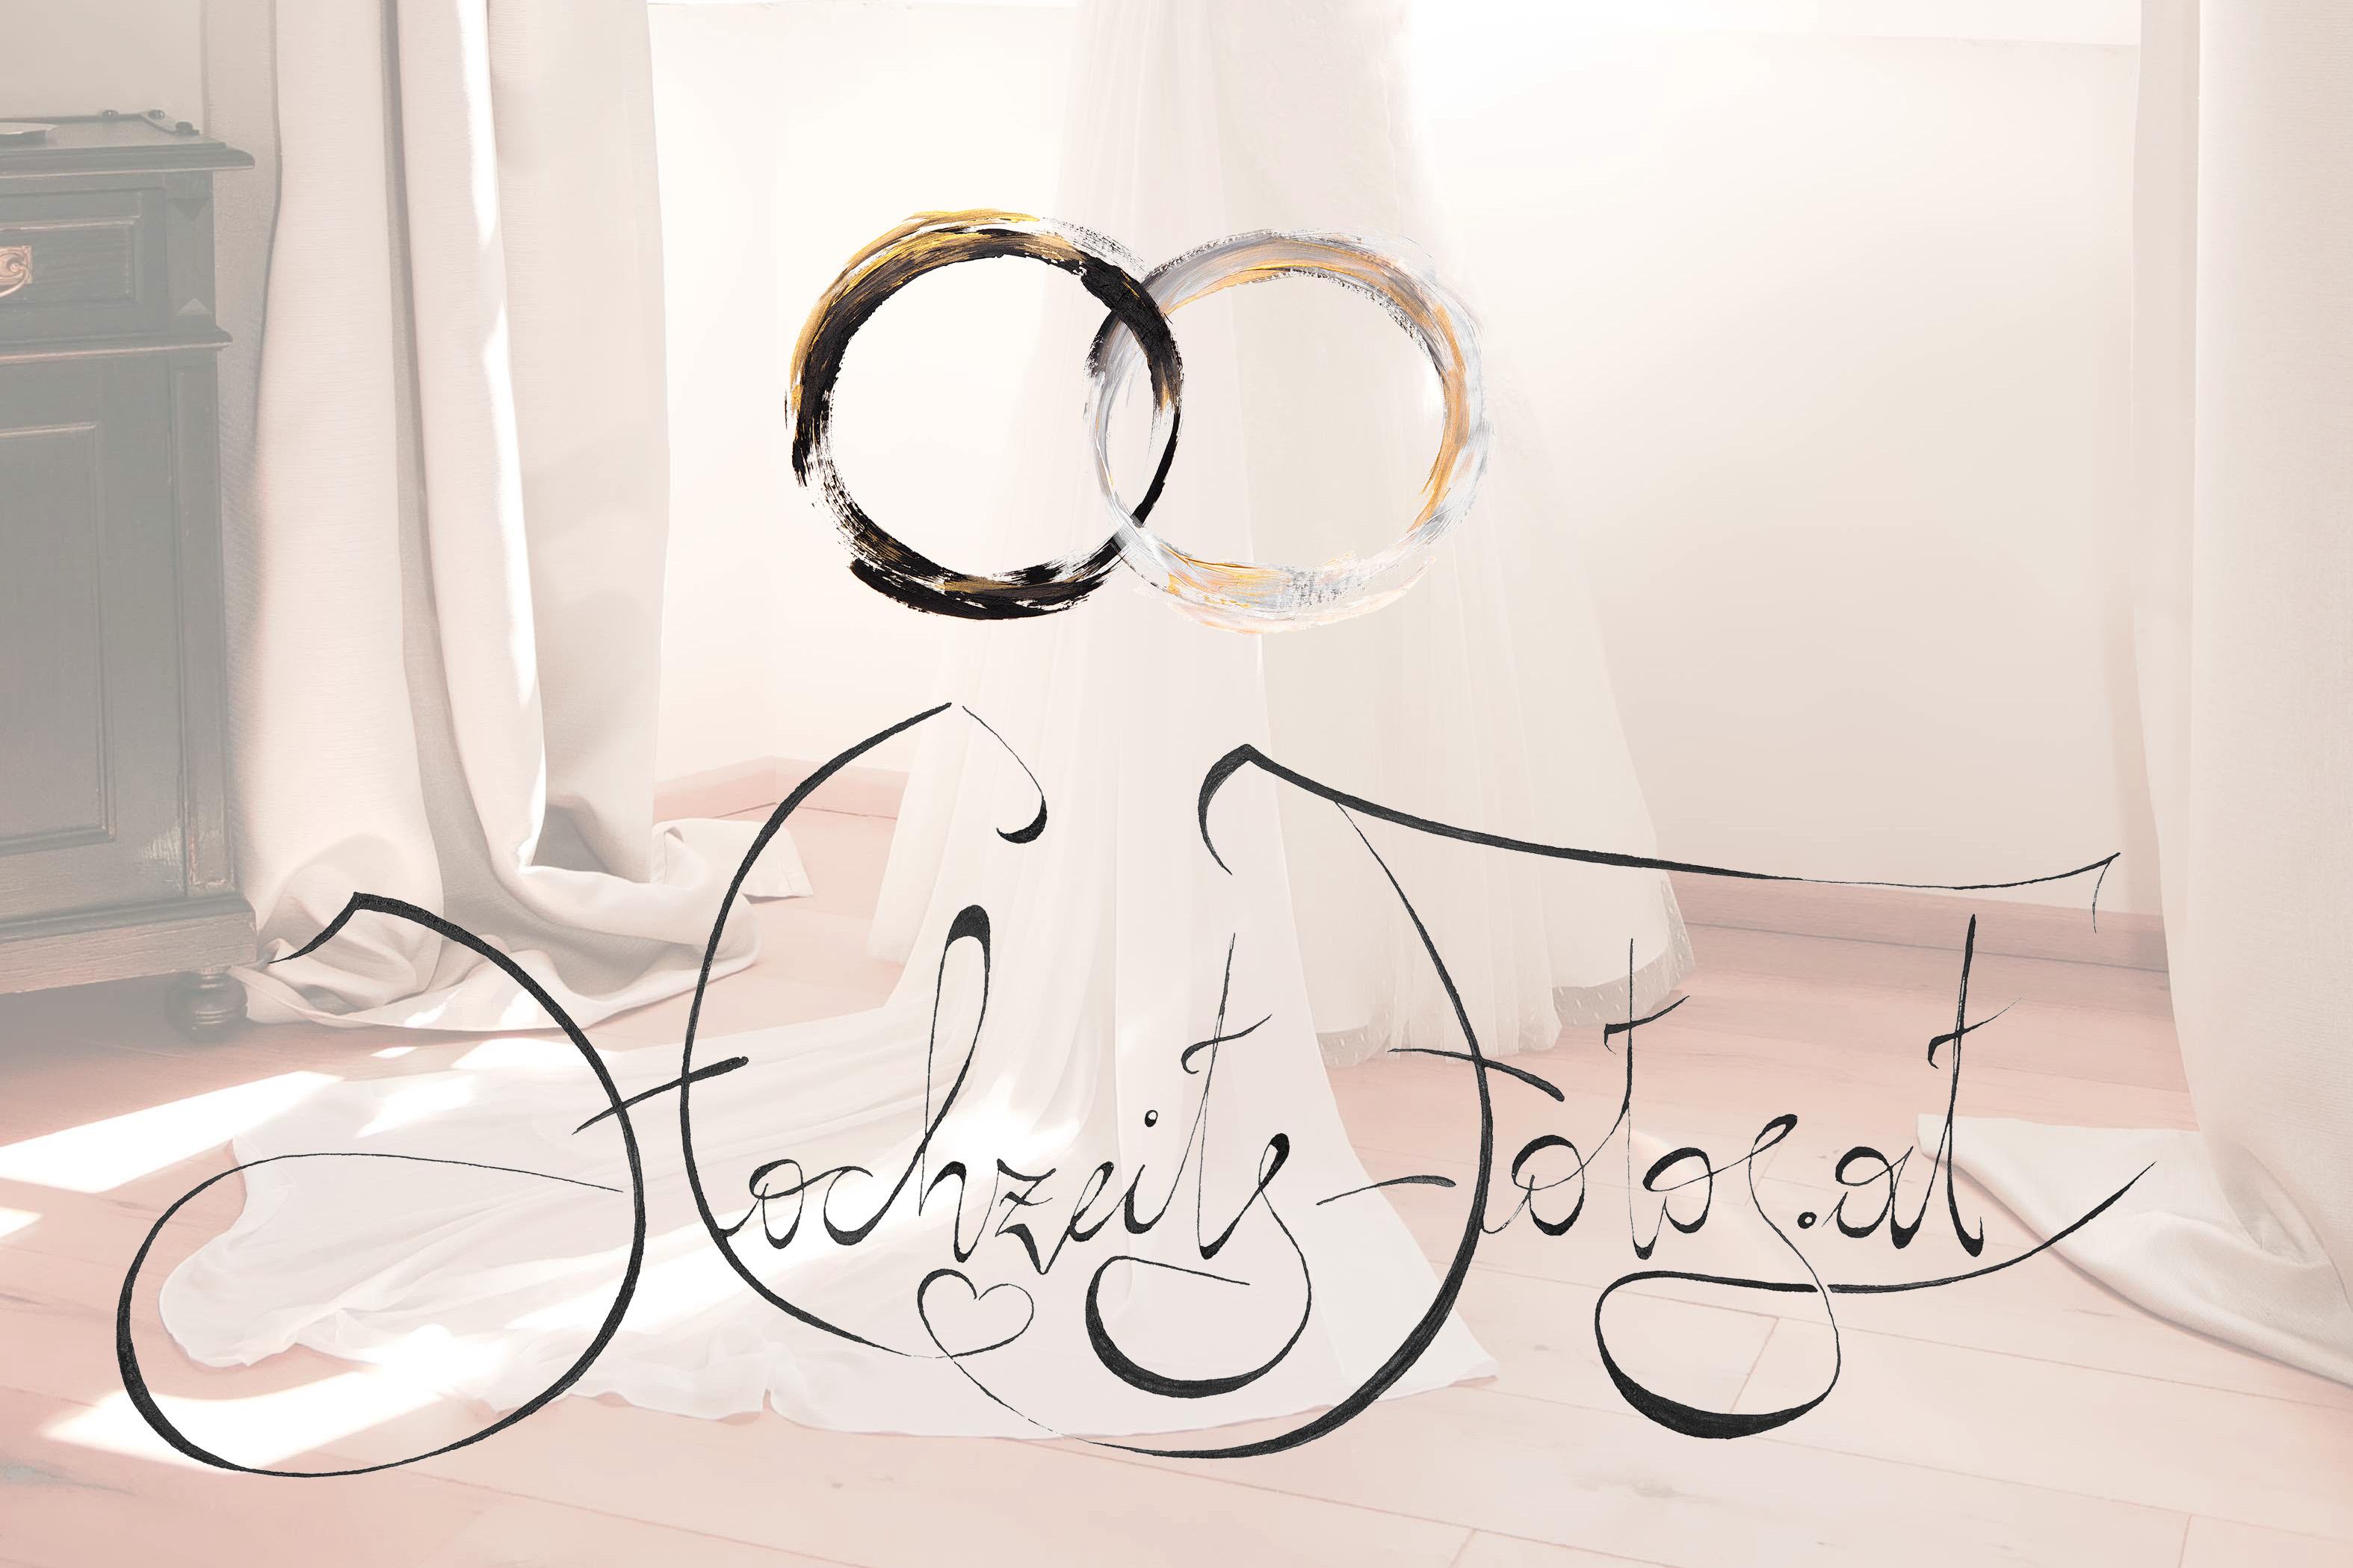 Hochzeits-Fotos.at